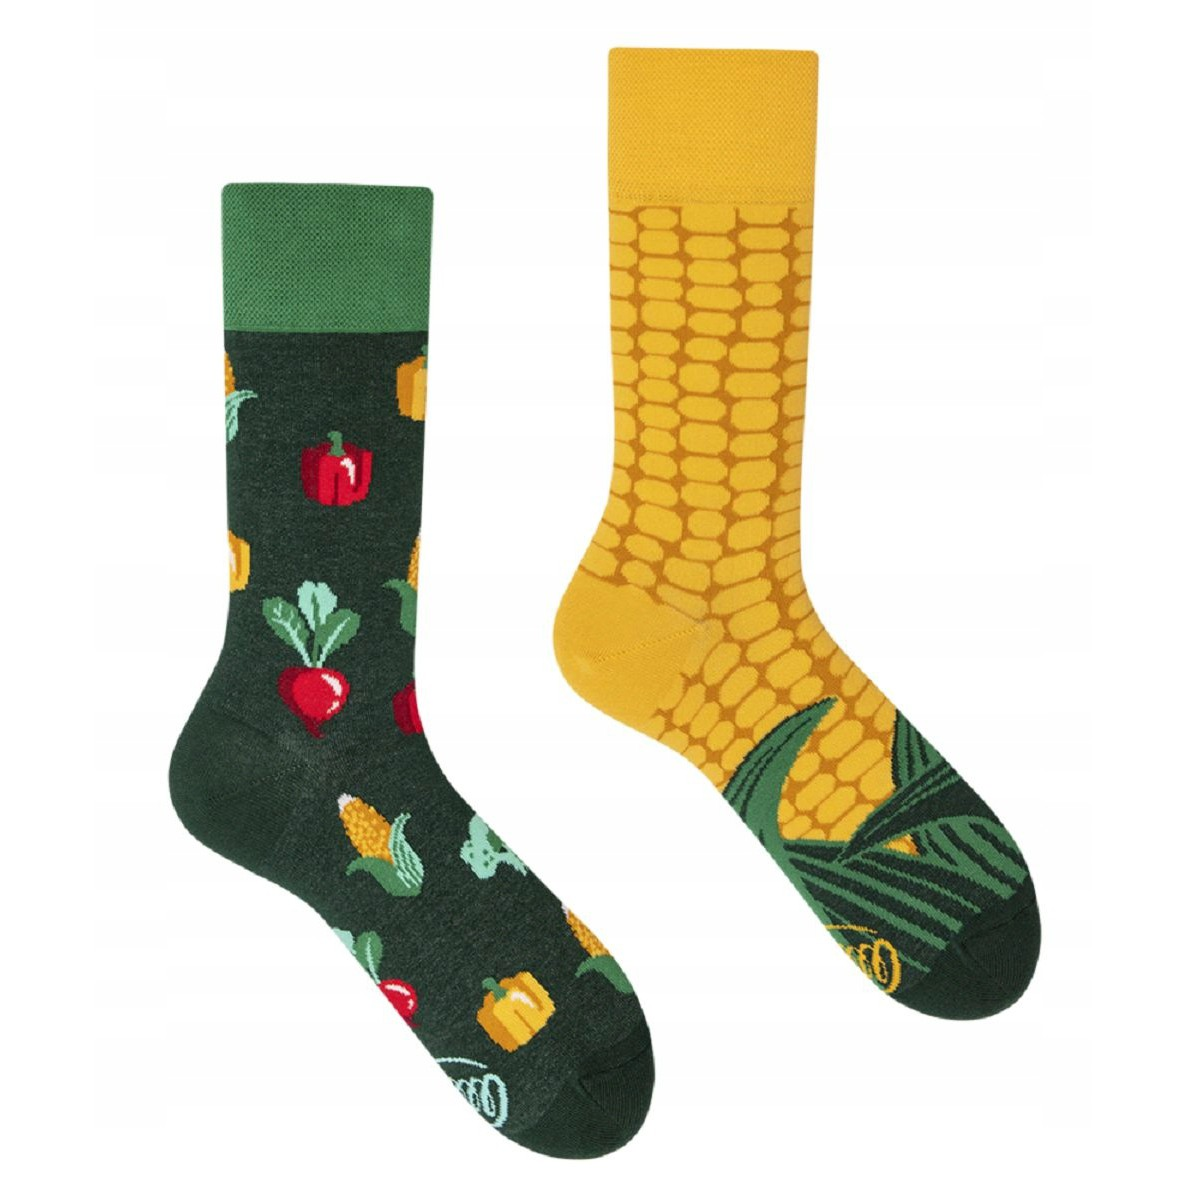 Barevné ponožky VEGGIE MIX kukuřice zelenina 39-42 megamix.shop